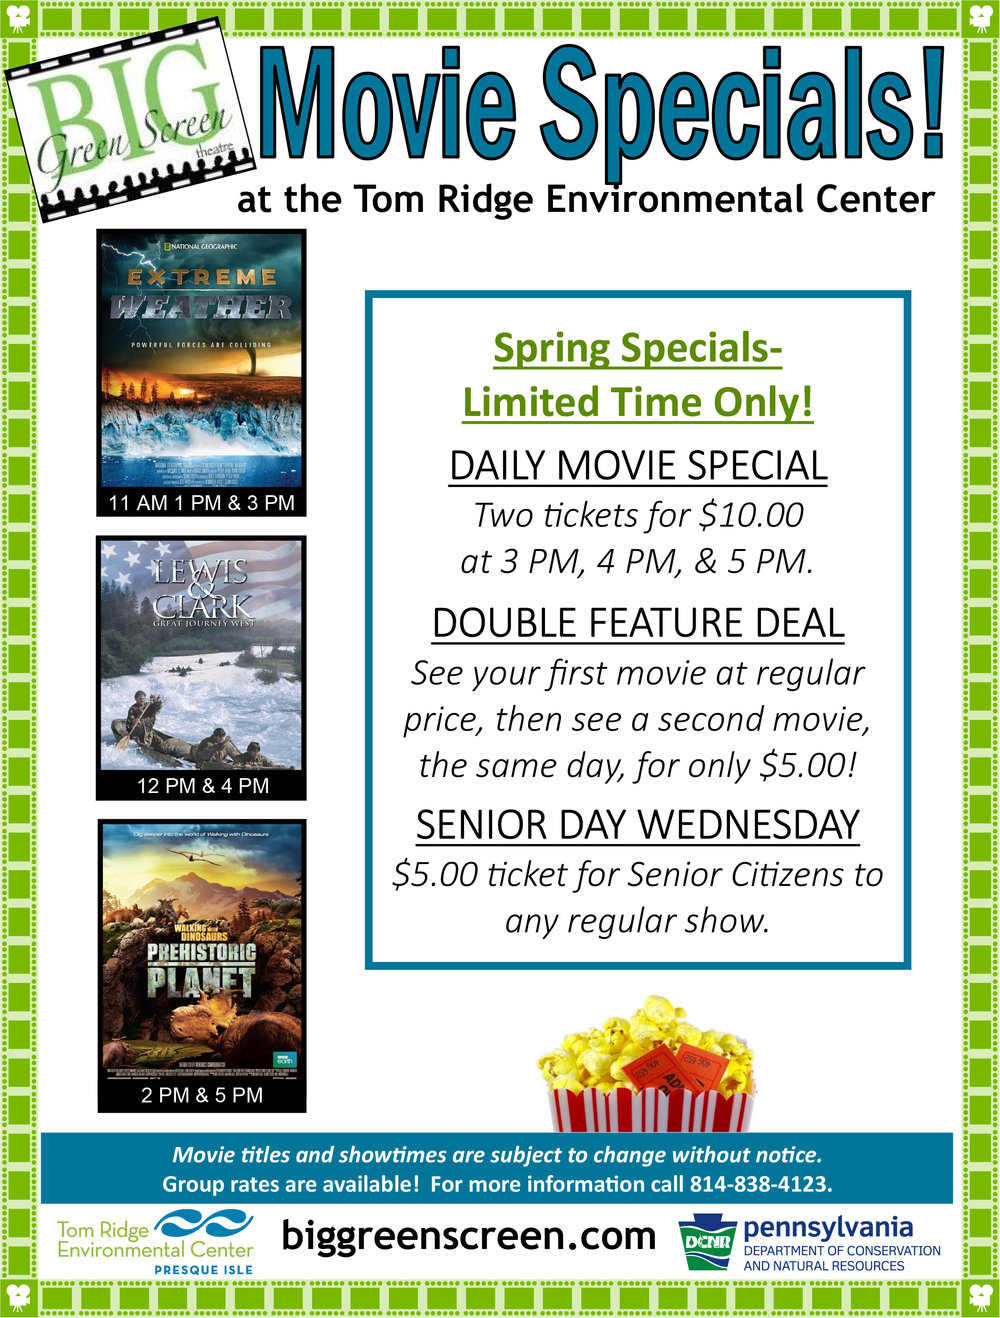 Movie Specials Extreme Weather Mar-1-2017 (2).jpg